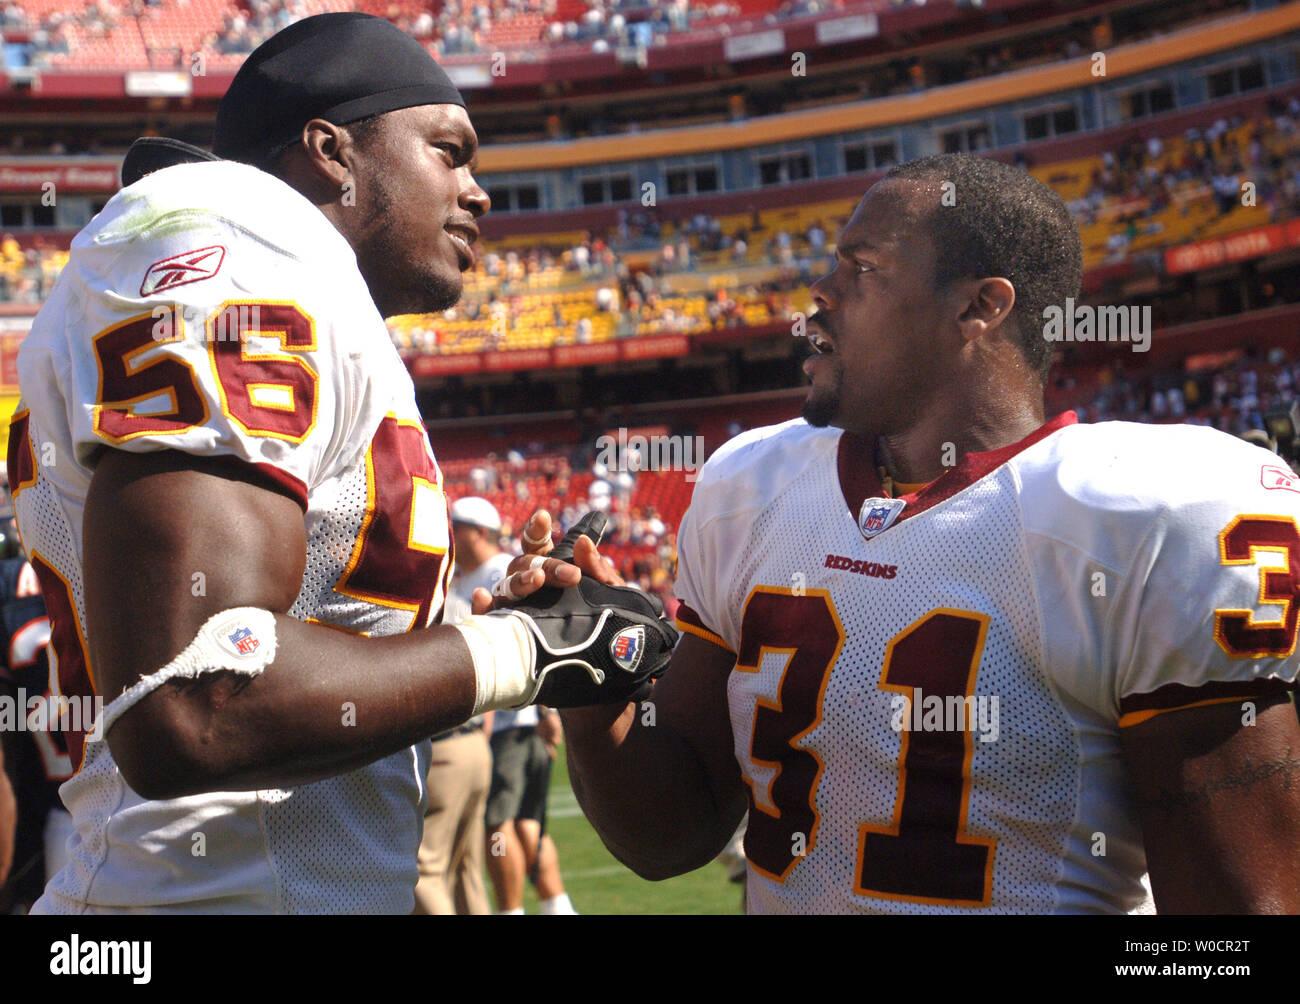 Washington Redskins' LaVar Arrington (56) y Rock Cartwright (31) se estrechan las manos después de derrotar a los Chicago Bears 9-7 en campo Fed Ex en Landover, MD en Septiembre 11 de 2005. (UPI foto/Kevin Dietsch) Imagen De Stock